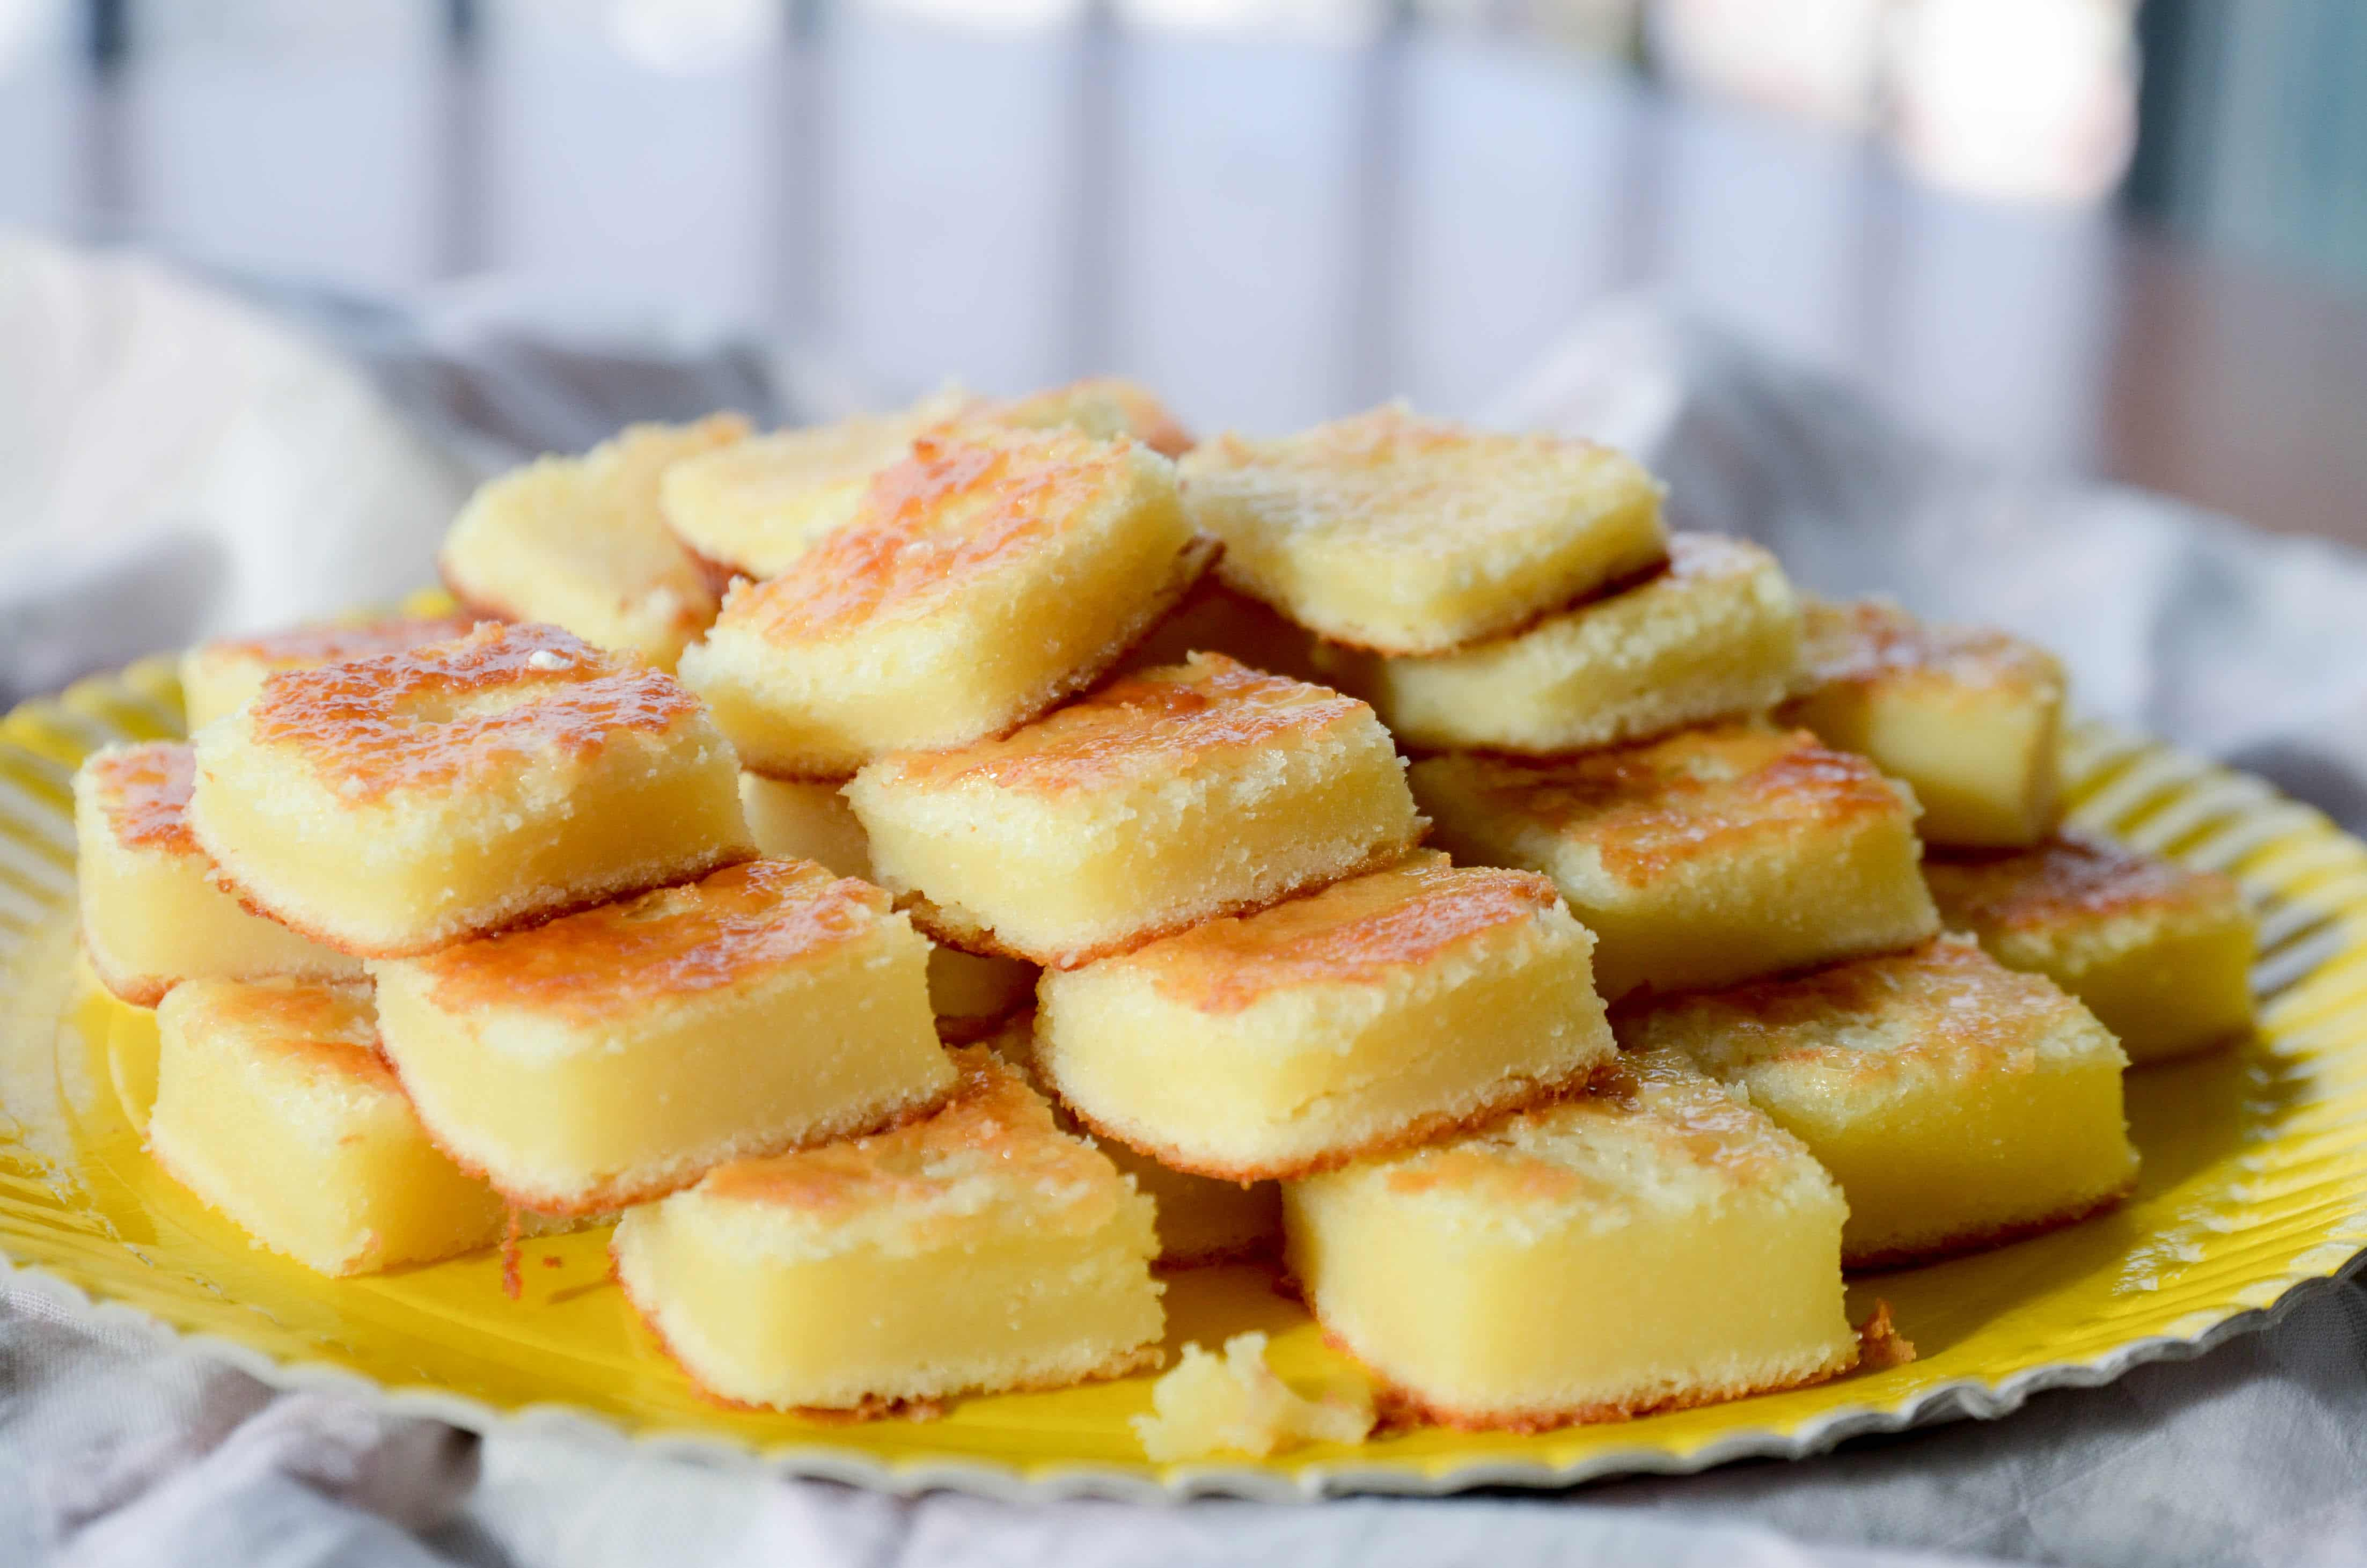 Bolo de queijo é uma receita deliciosa e bem simples de preparar!